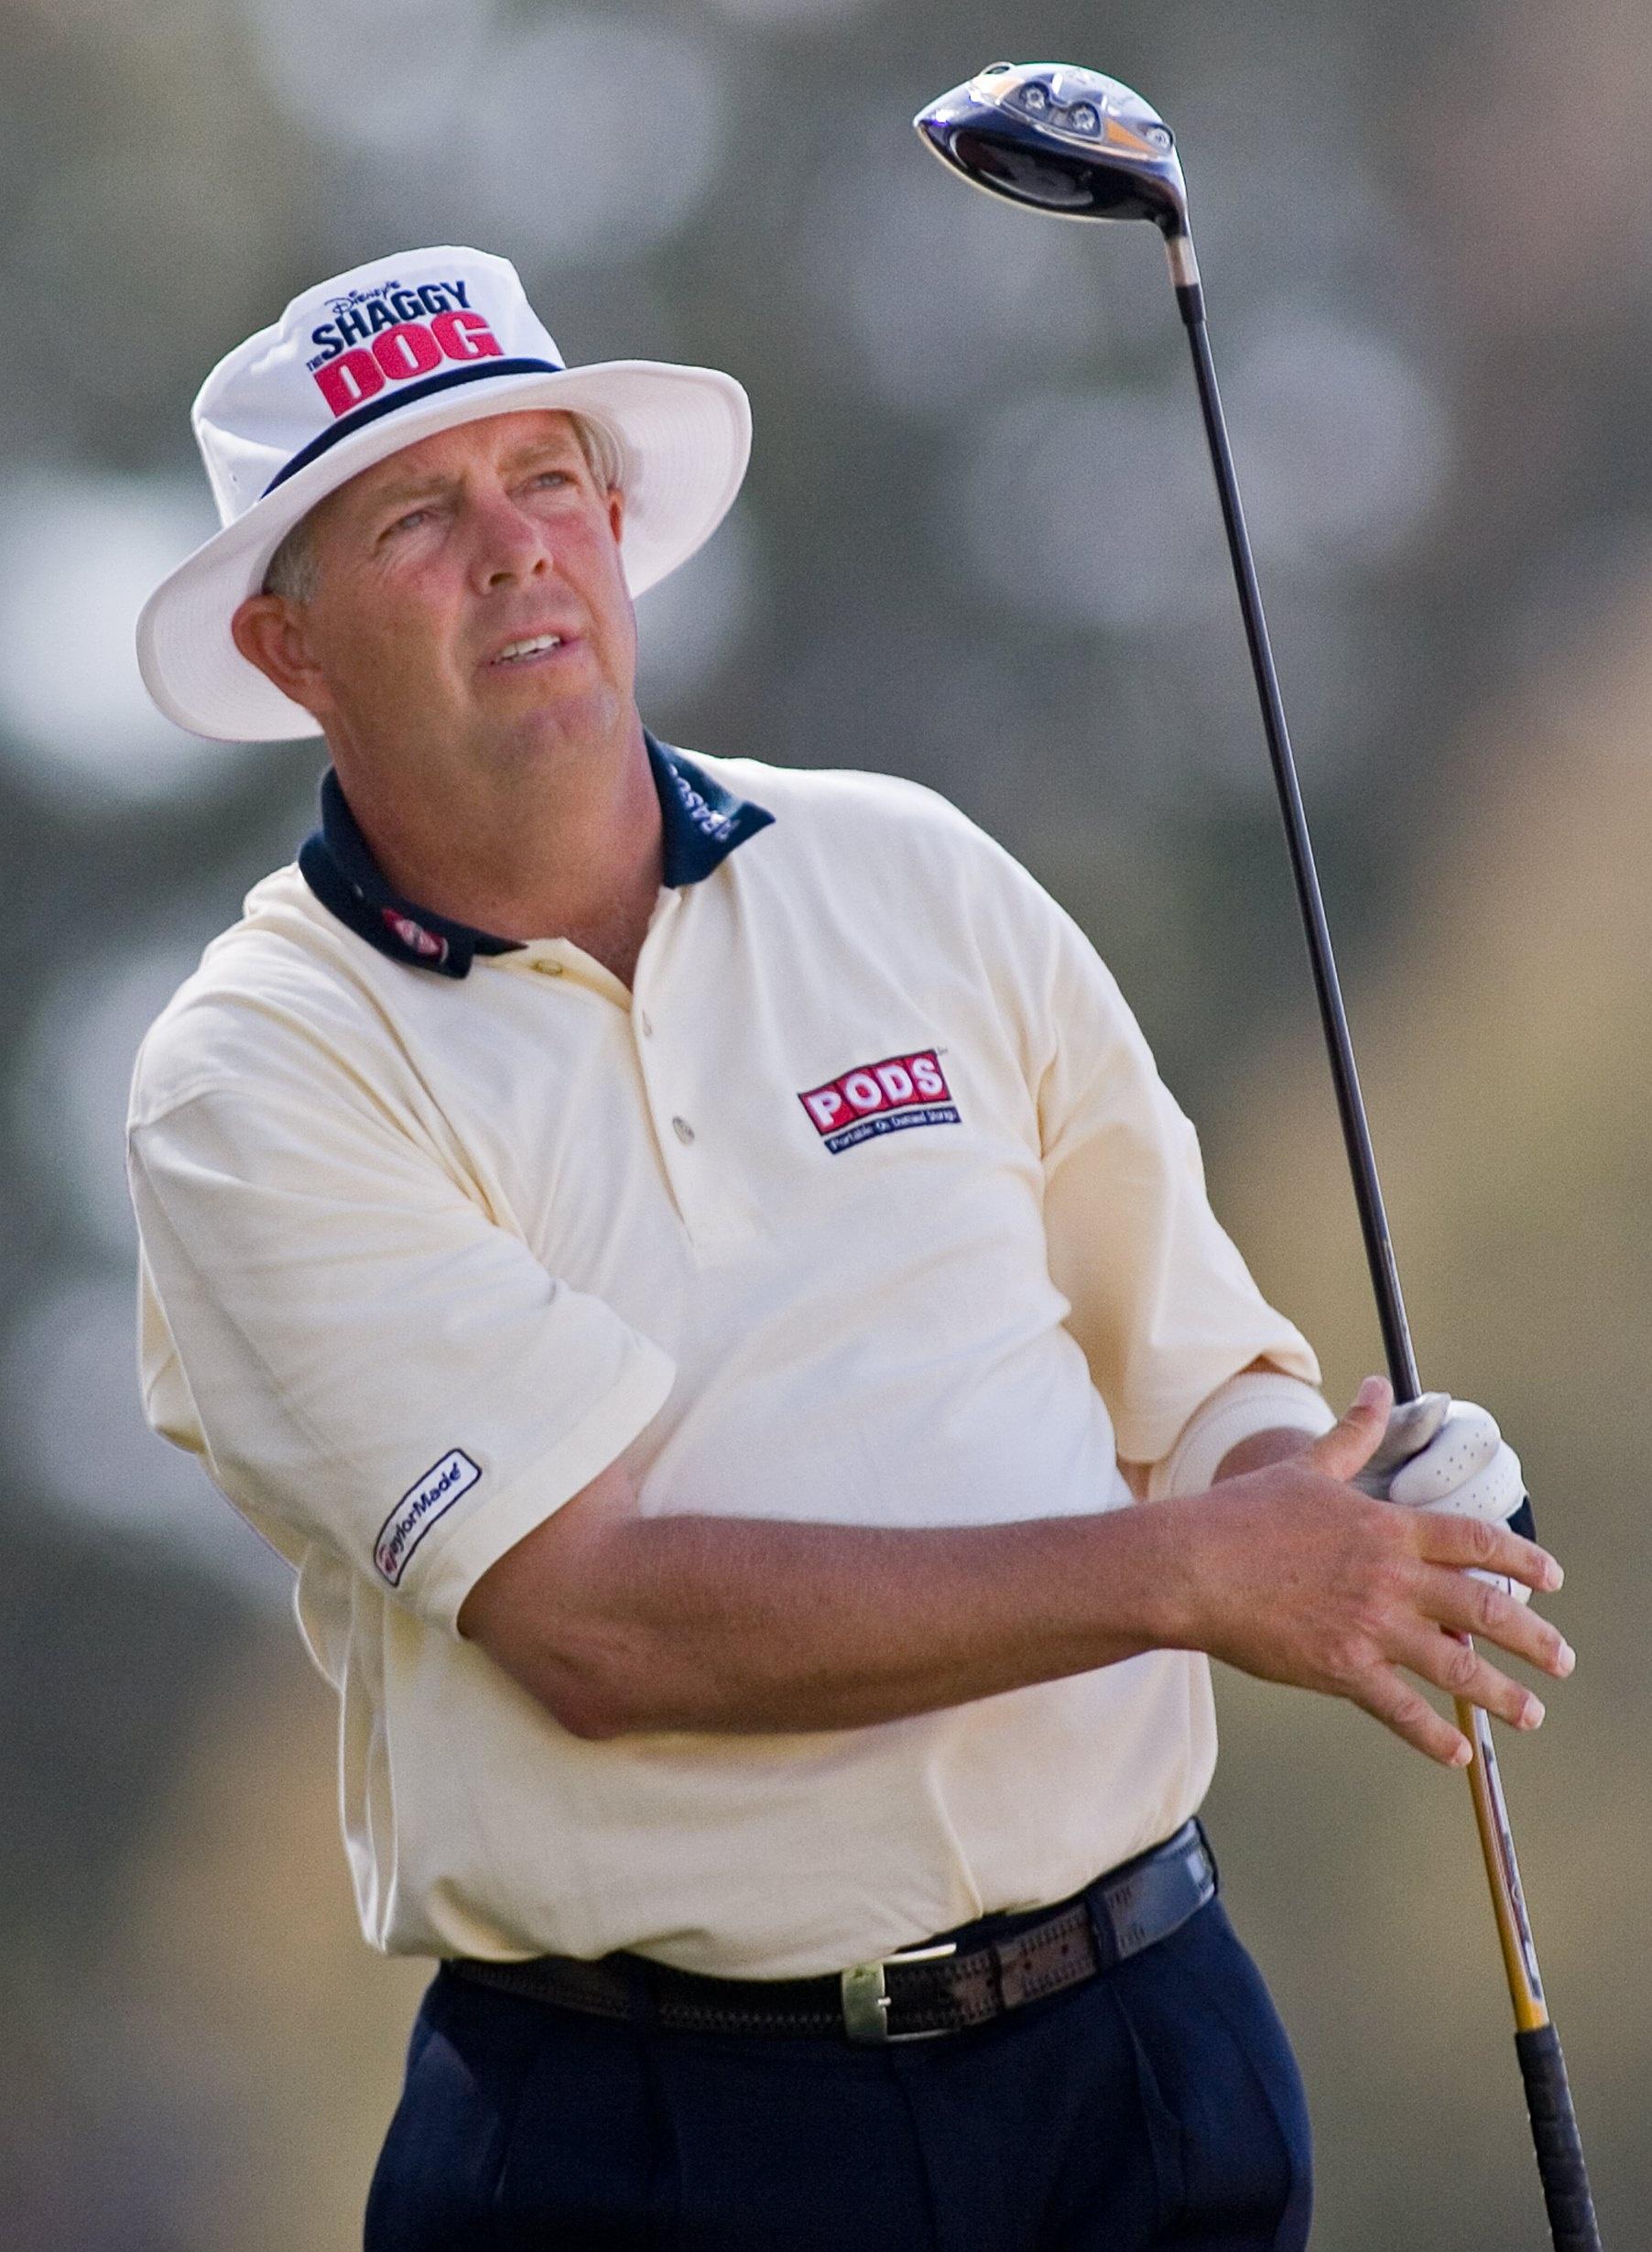 Resultado de imagen para Triplett golfist